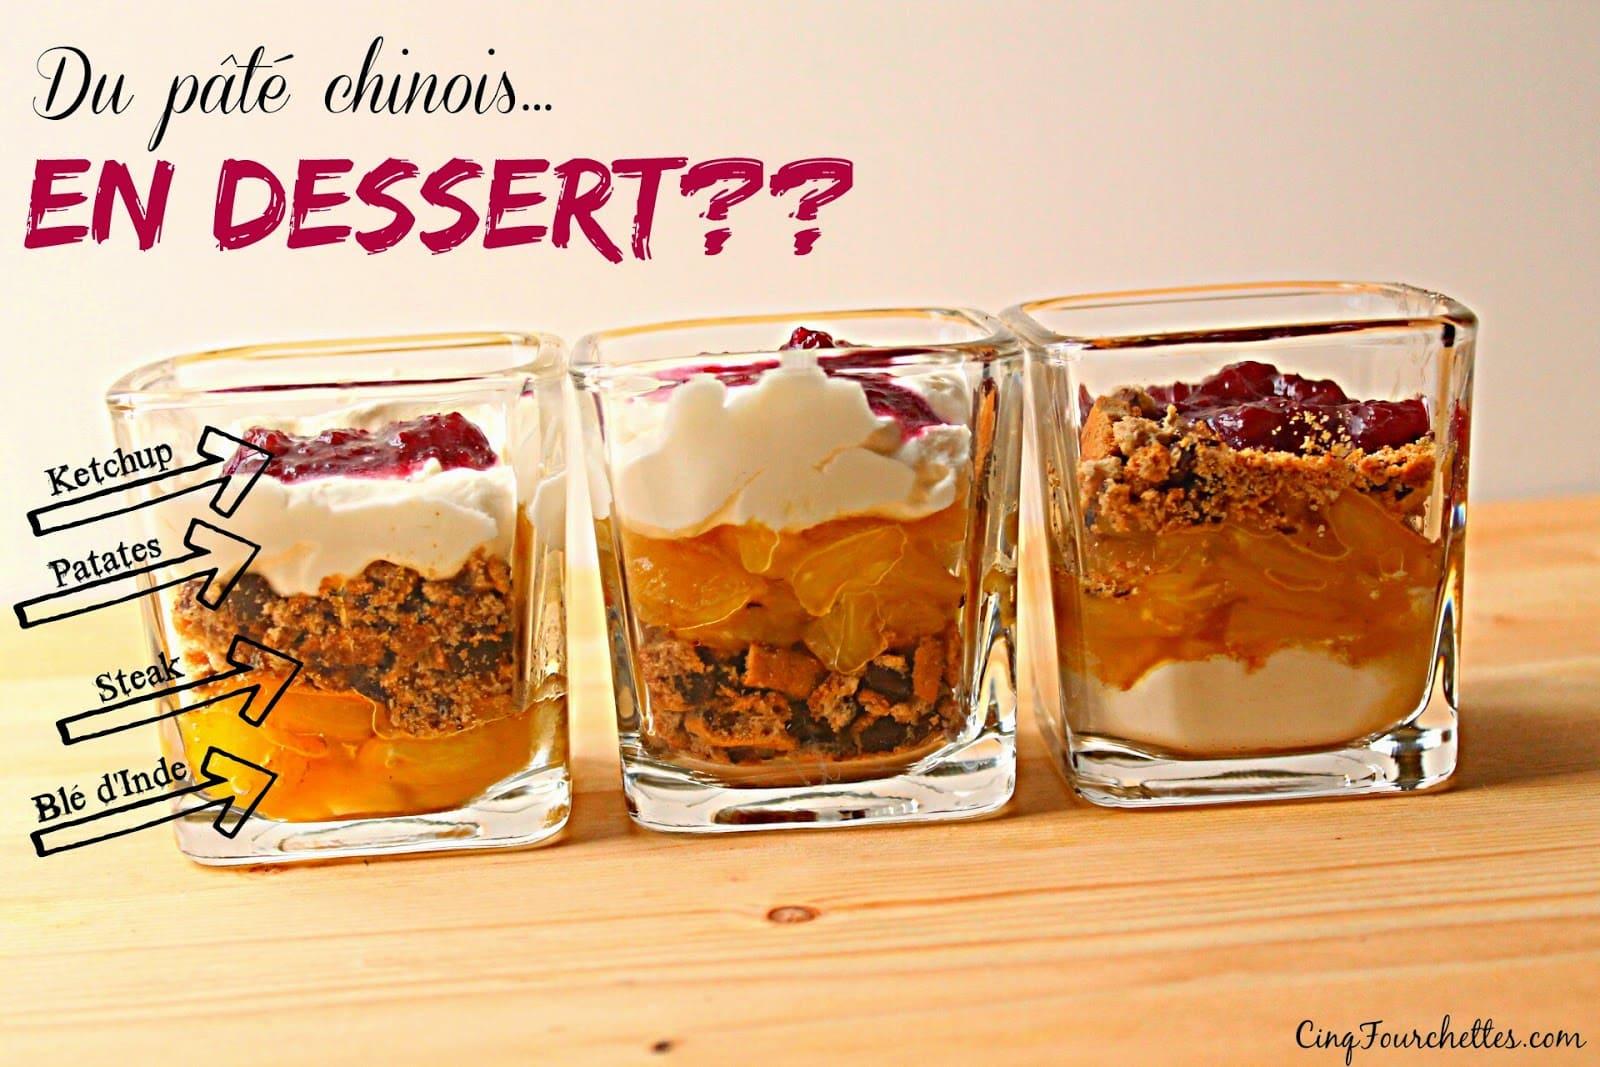 Verrines de pâté chinois... pour dessert! - Cinq Fourchettes